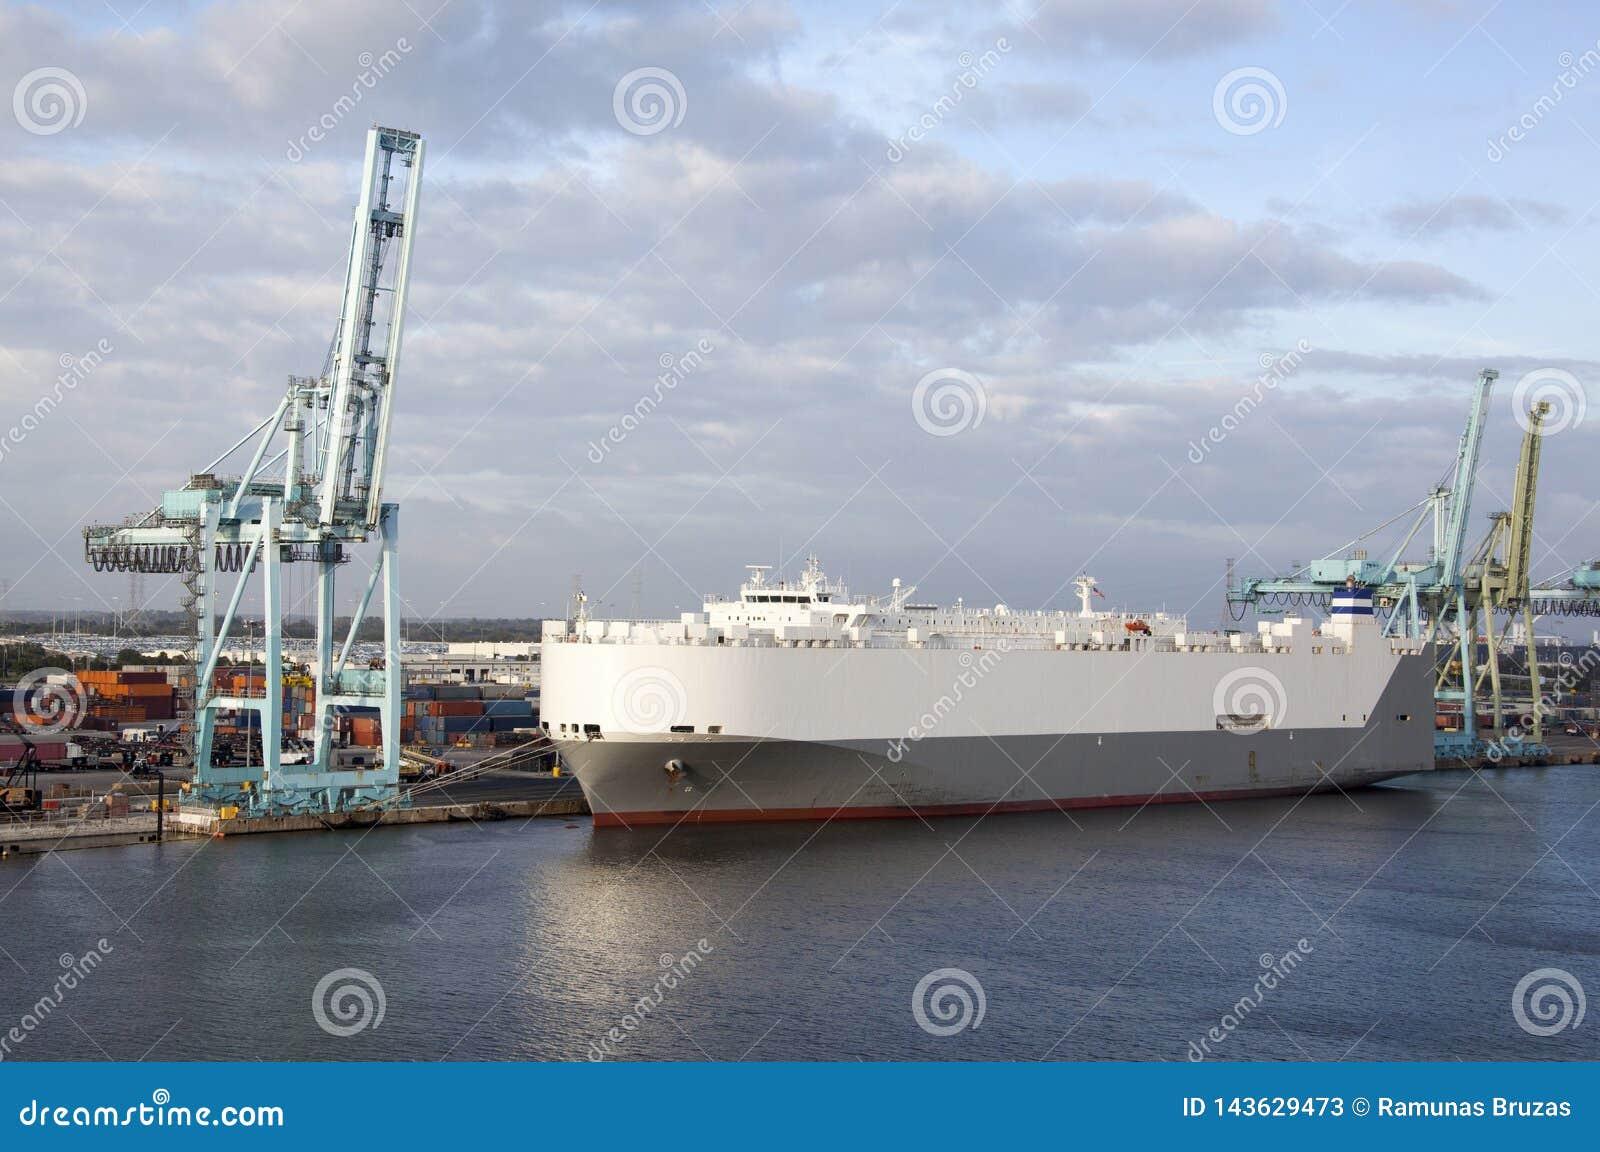 Jacksonville Port Tanker